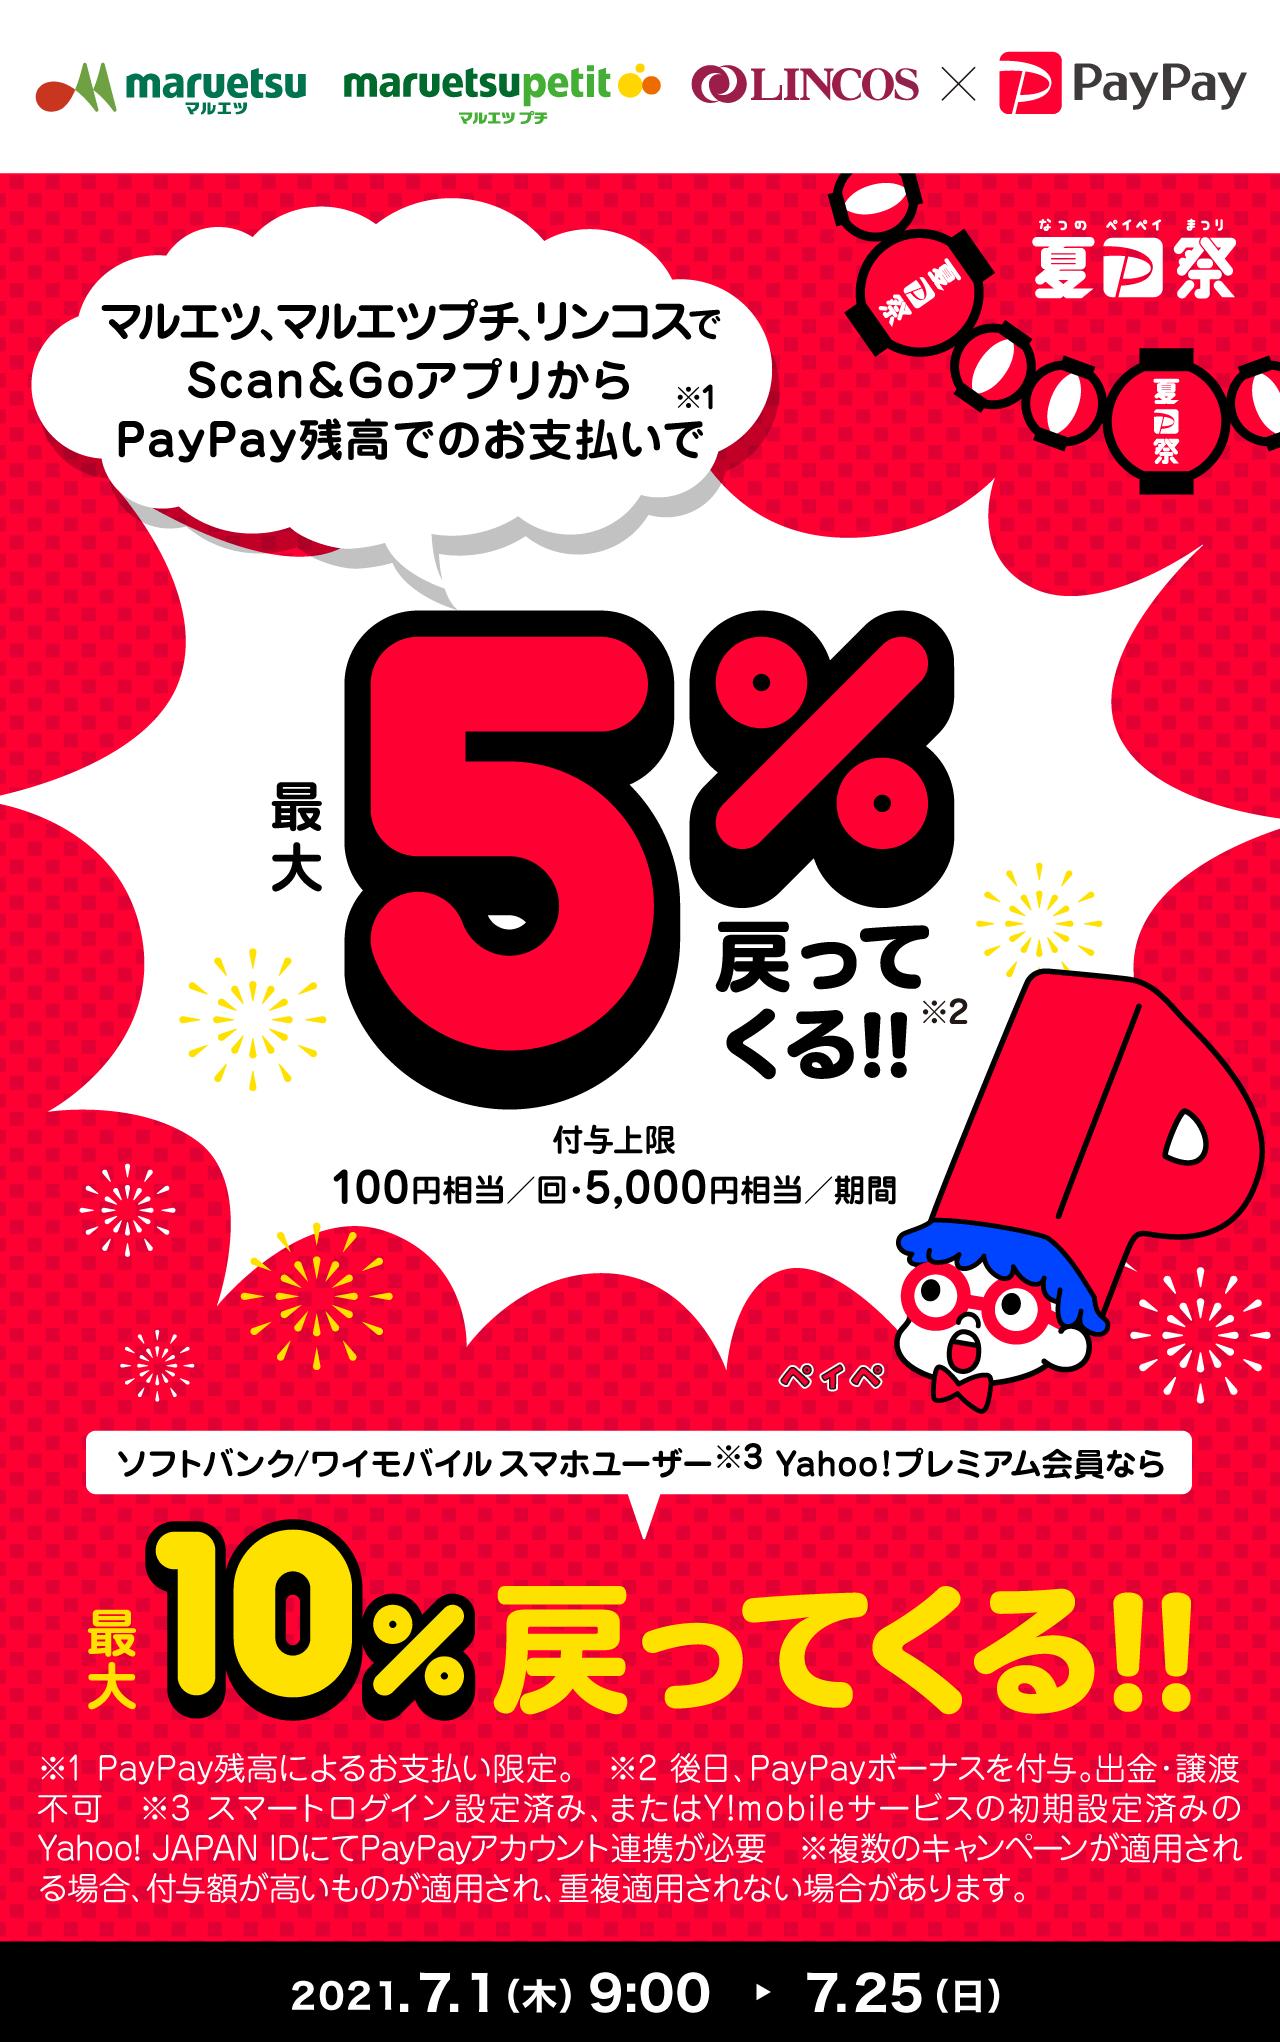 マルエツ、マルエツプチ、リンコスでScan&GoアプリからPayPay残高でのお支払いで最大5%戻ってくる!!